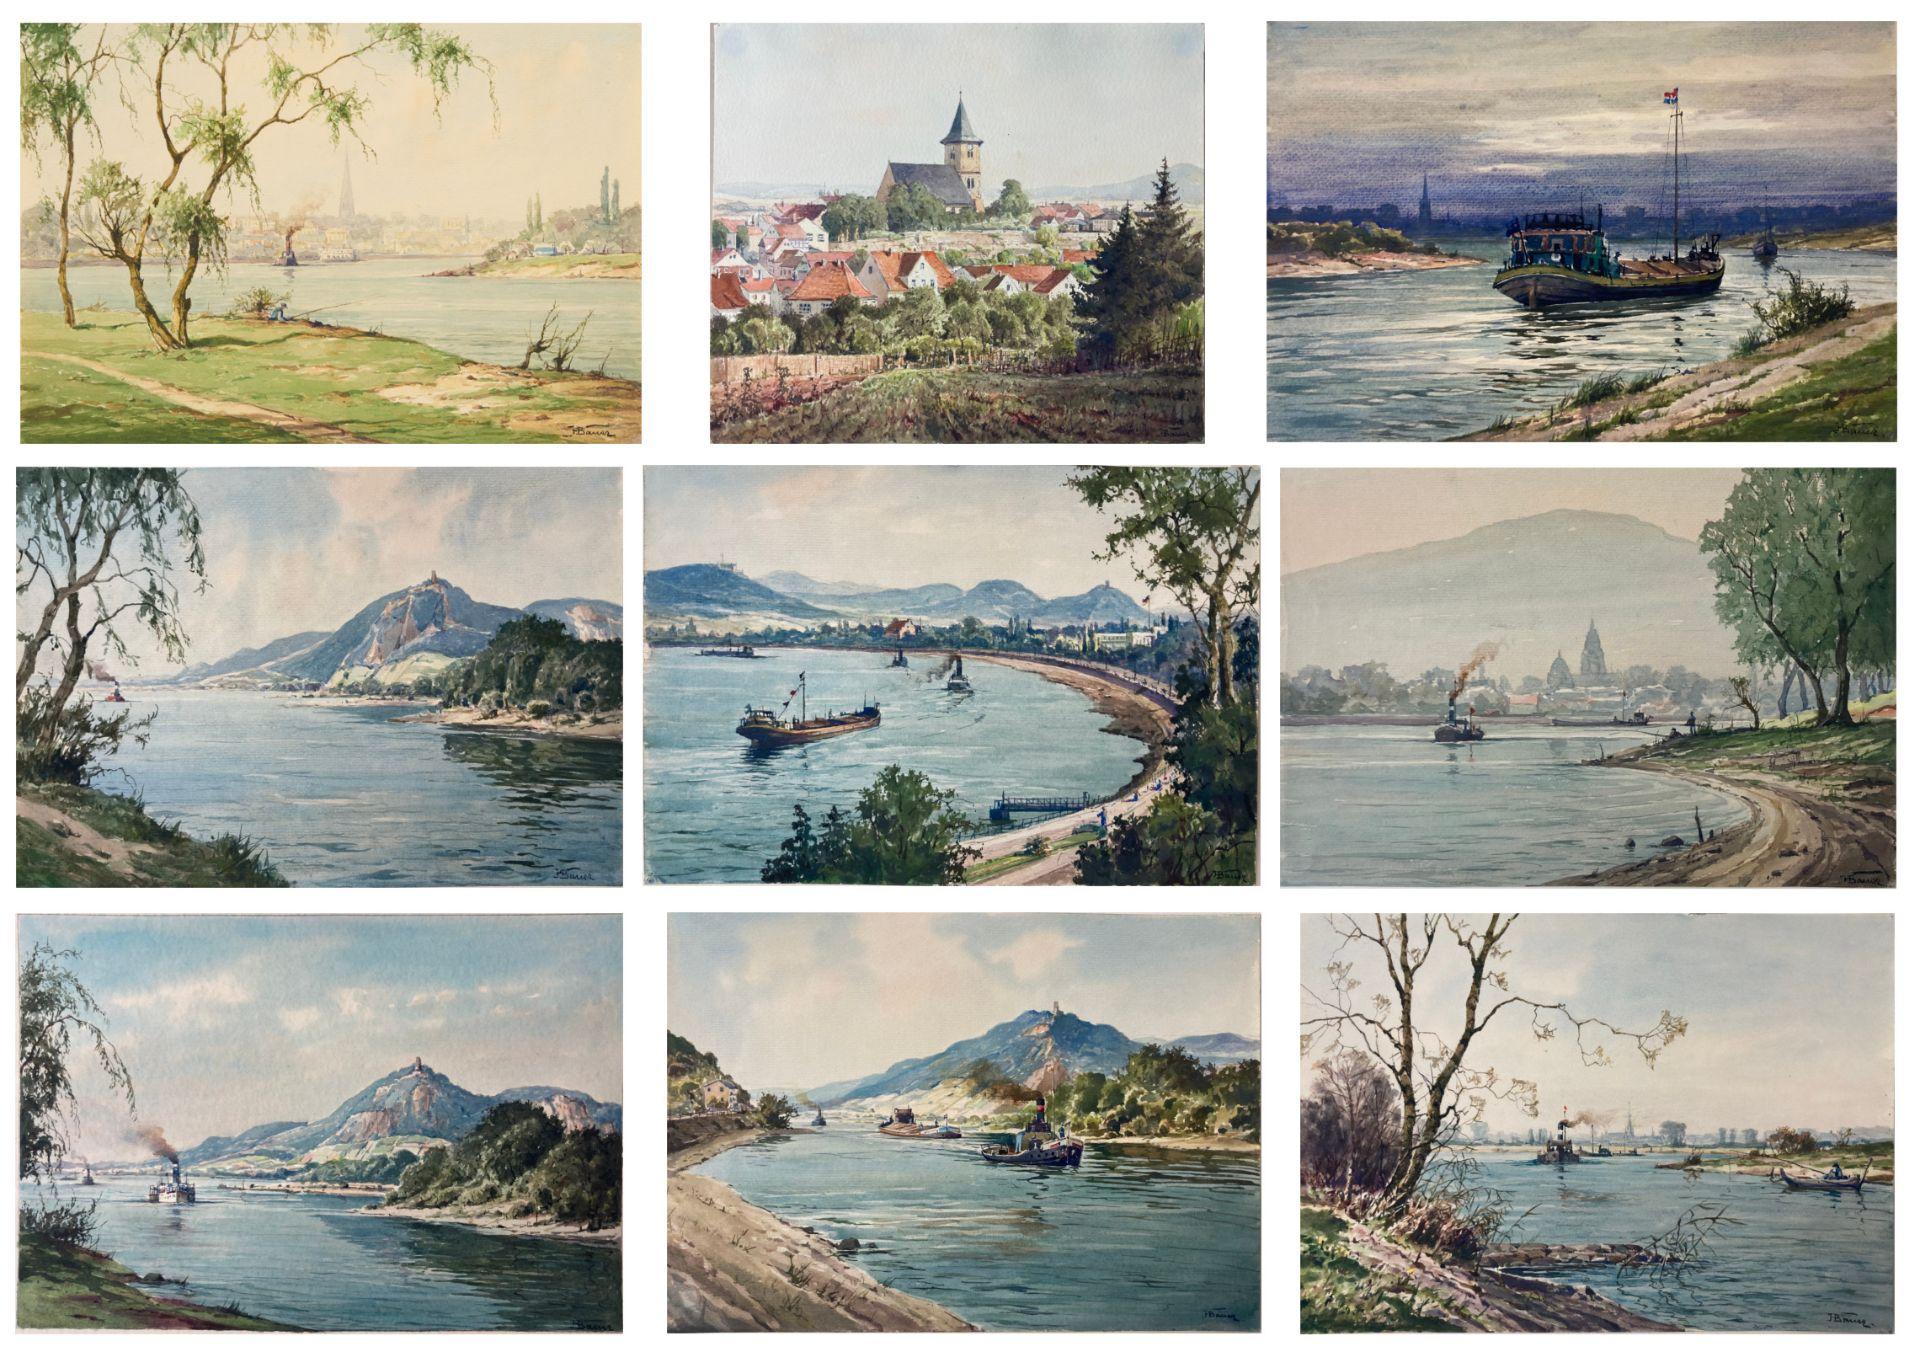 Bauer, Hans. 1883 Drebkau - 1967 Konstanz. Mappe mit 9 Aquarellen. Motive aus Bonn und dem